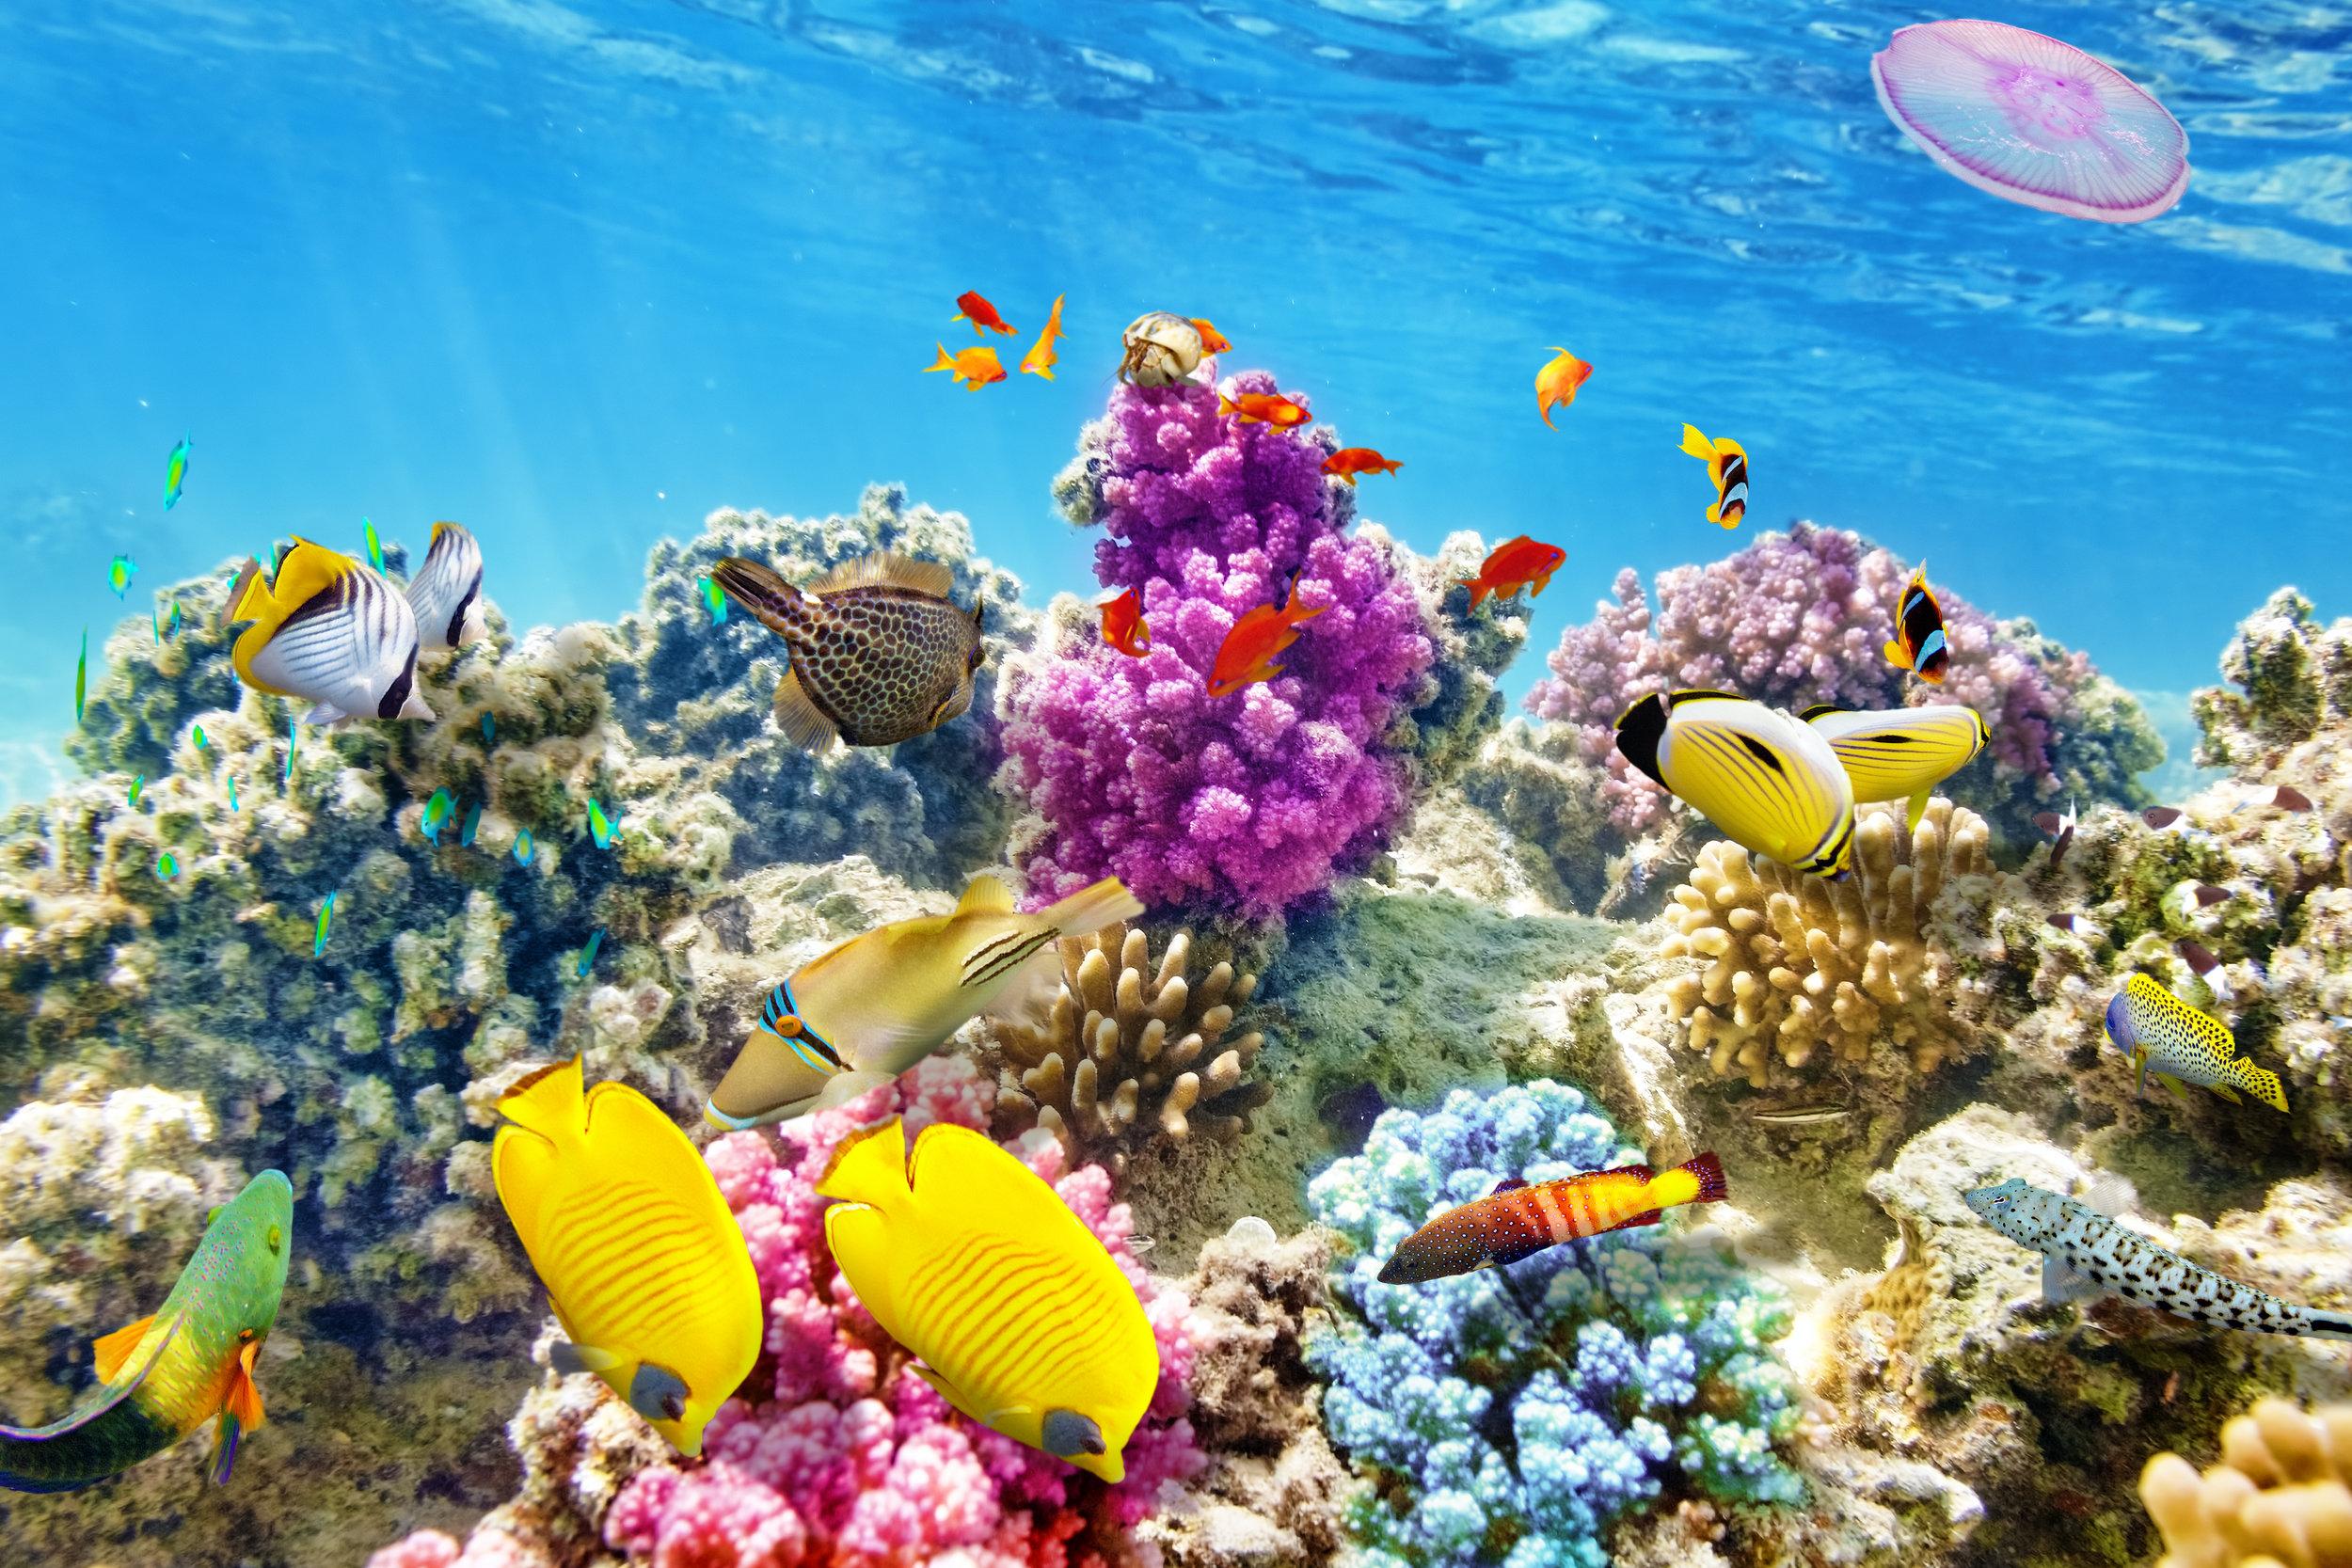 Scuba Diving shutterstock_267592205.jpg